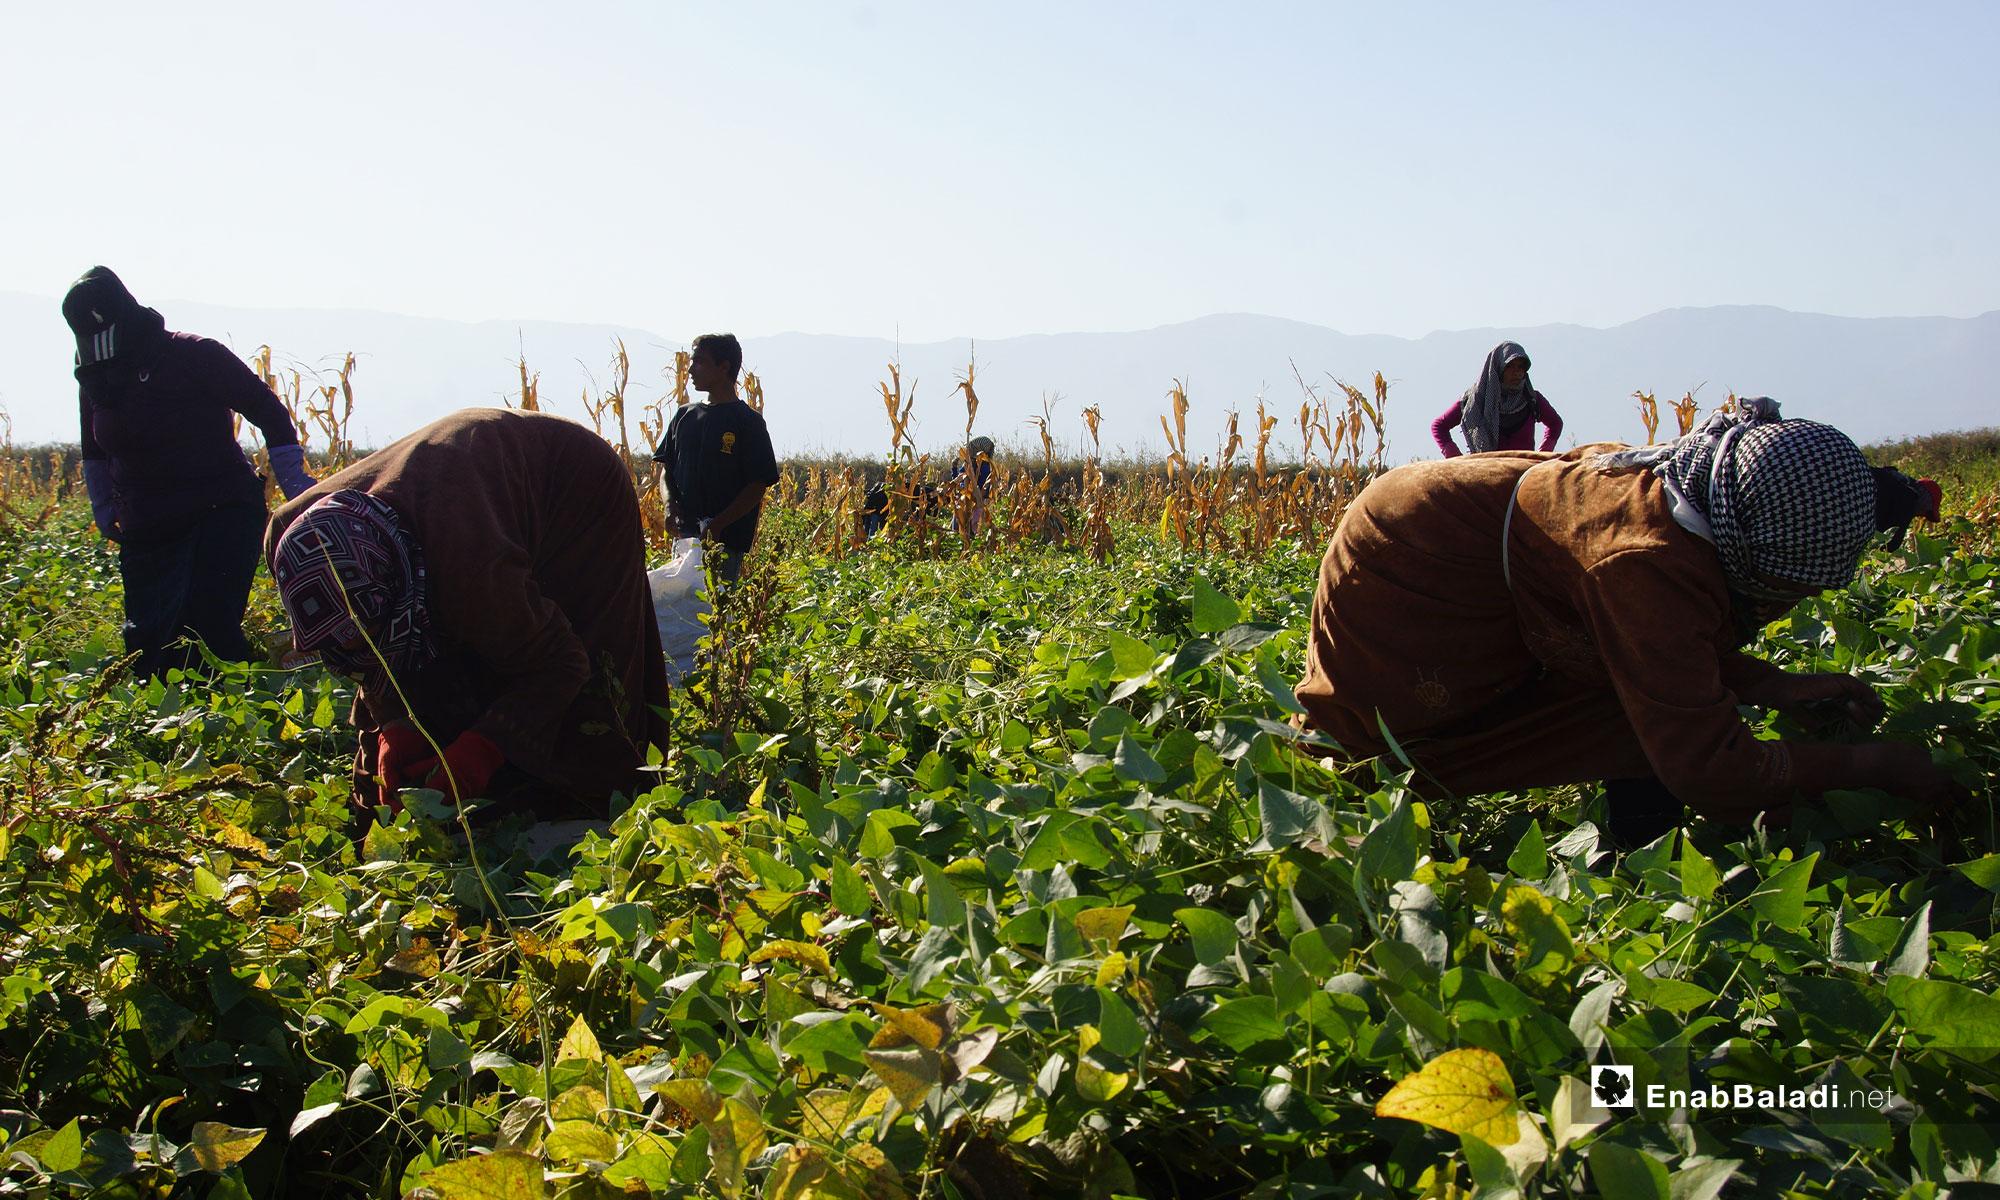 نساء يحصدن محصول الكلاوي في سهل الغاب بريف حماة - 31 من تشرين الأول 2018 (عنب بلدي)